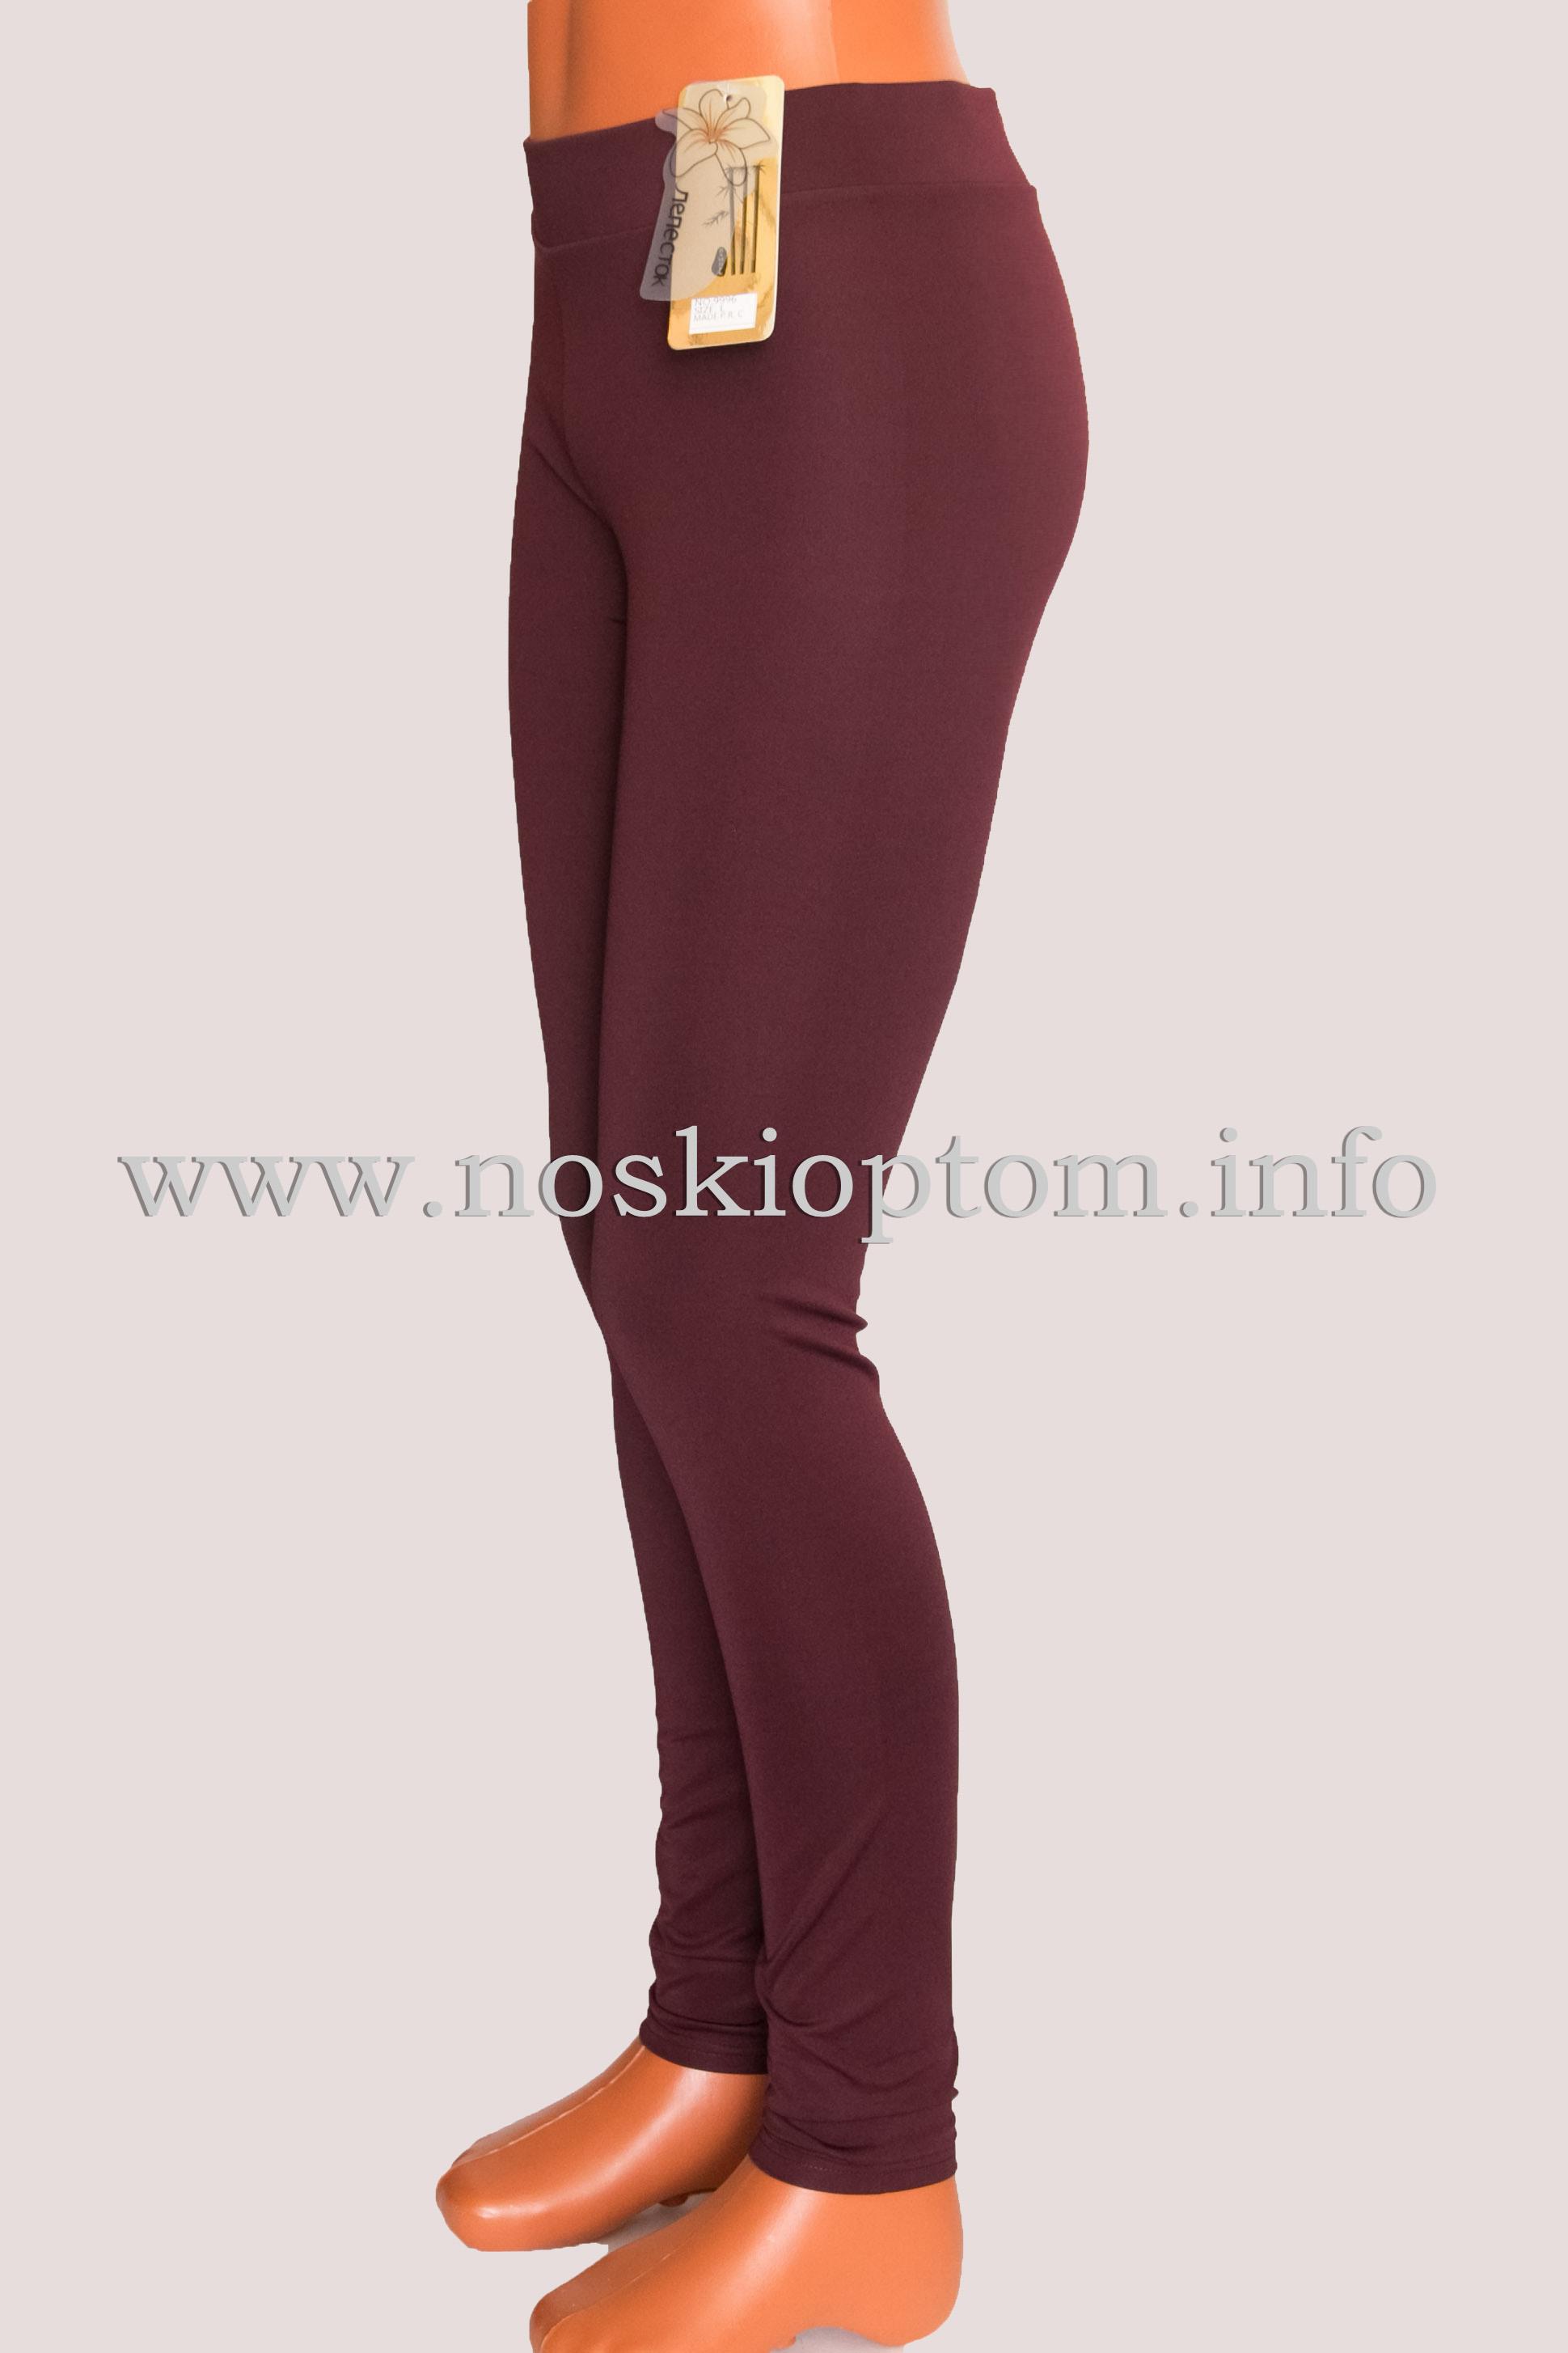 f58afef55b2f3 Результаты поиска | Чулочно-носочные изделия, носки, колготки оптом ...